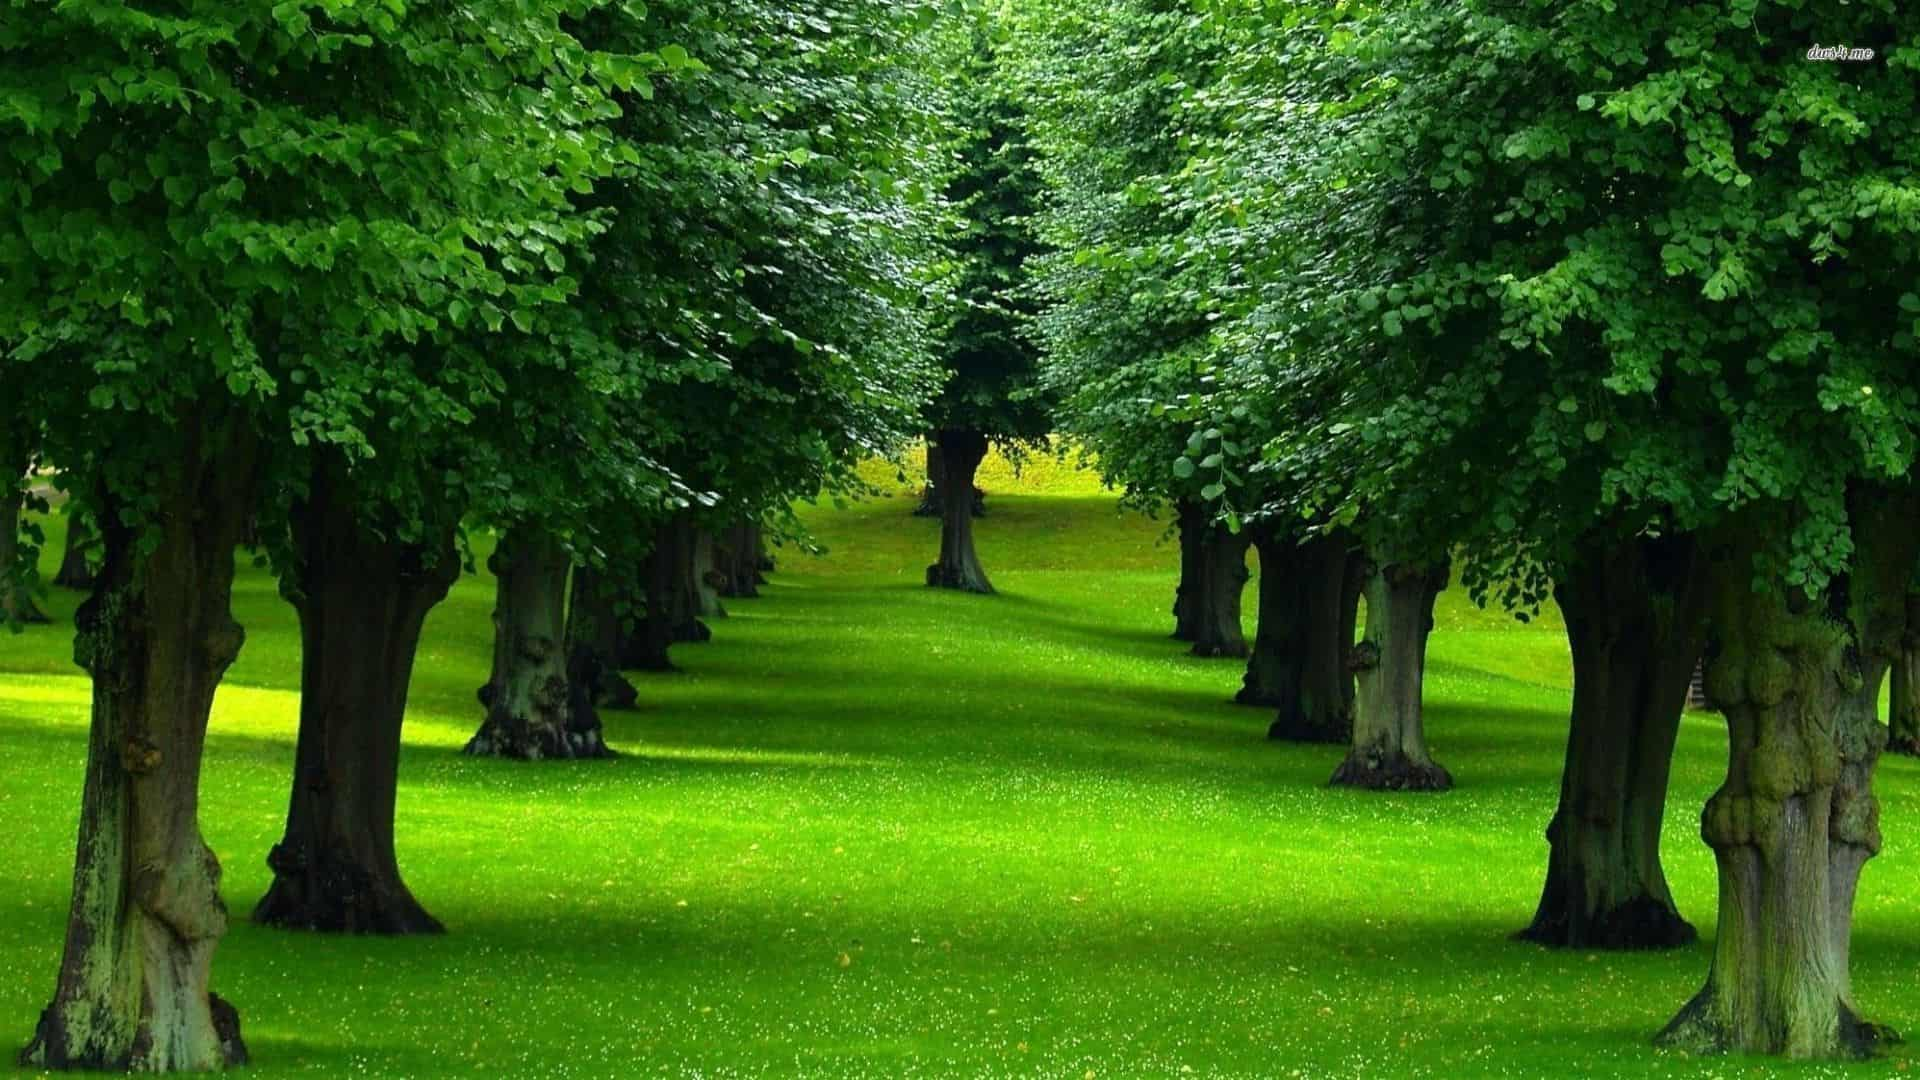 اسماء اشجار دائمة الخضرة